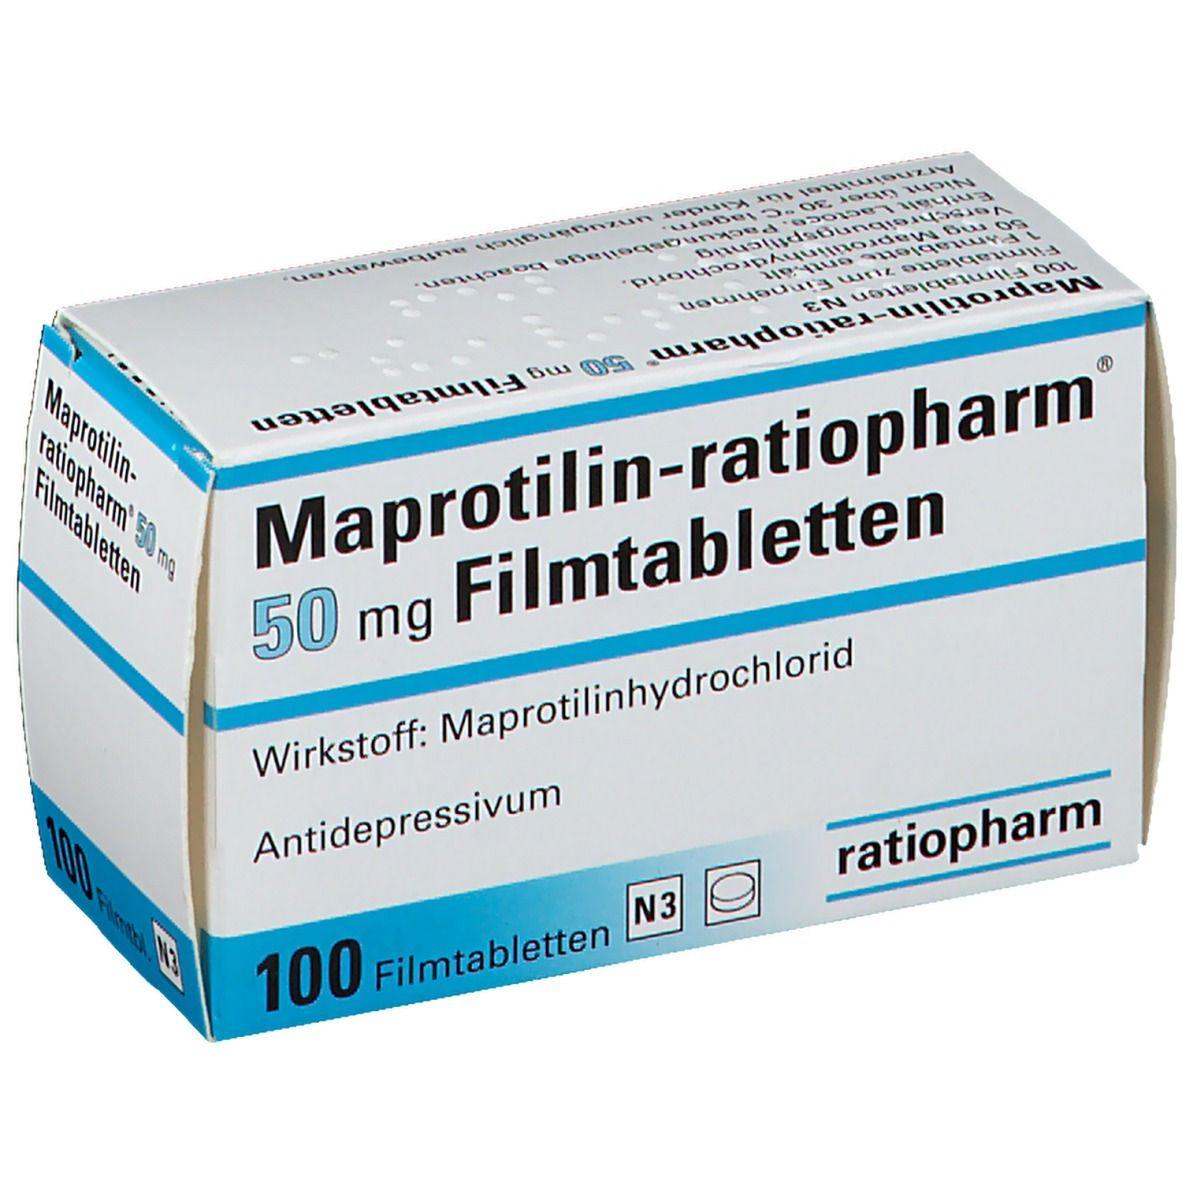 Maprotilin-ratiopharm® 50 Filmtabletten